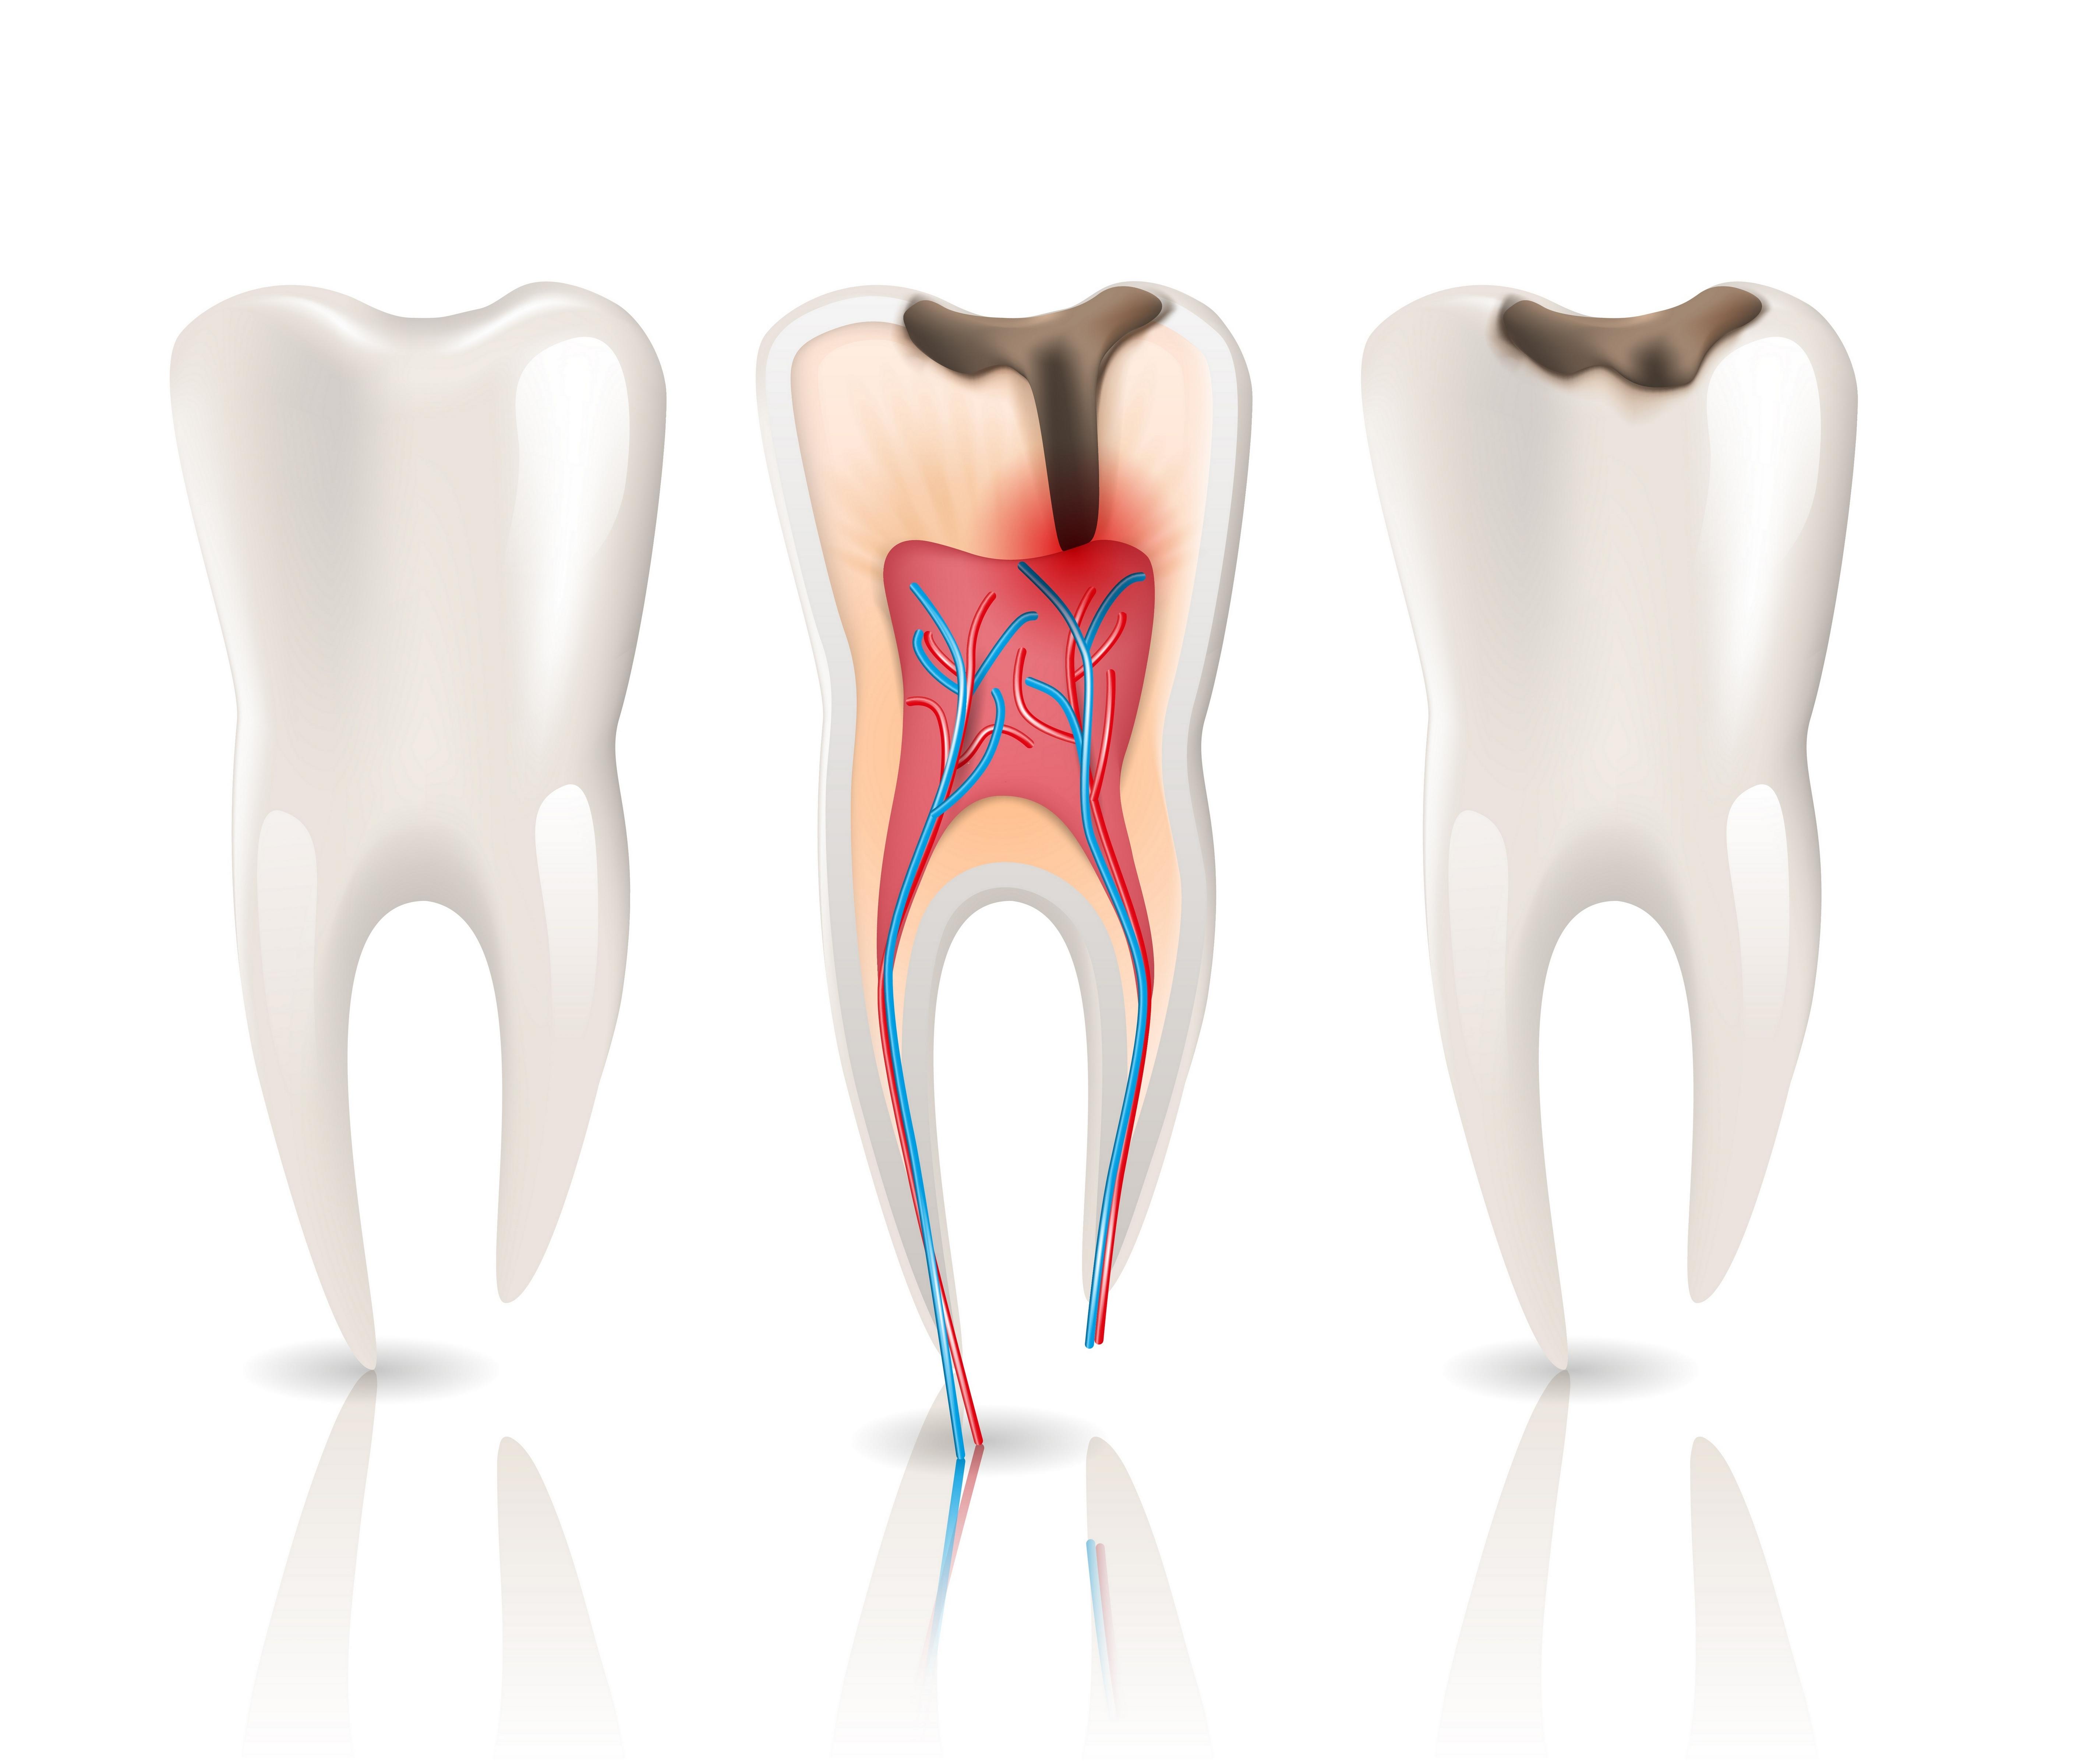 علاج تسوس و عصب الأسنان +حشوة تجميلية